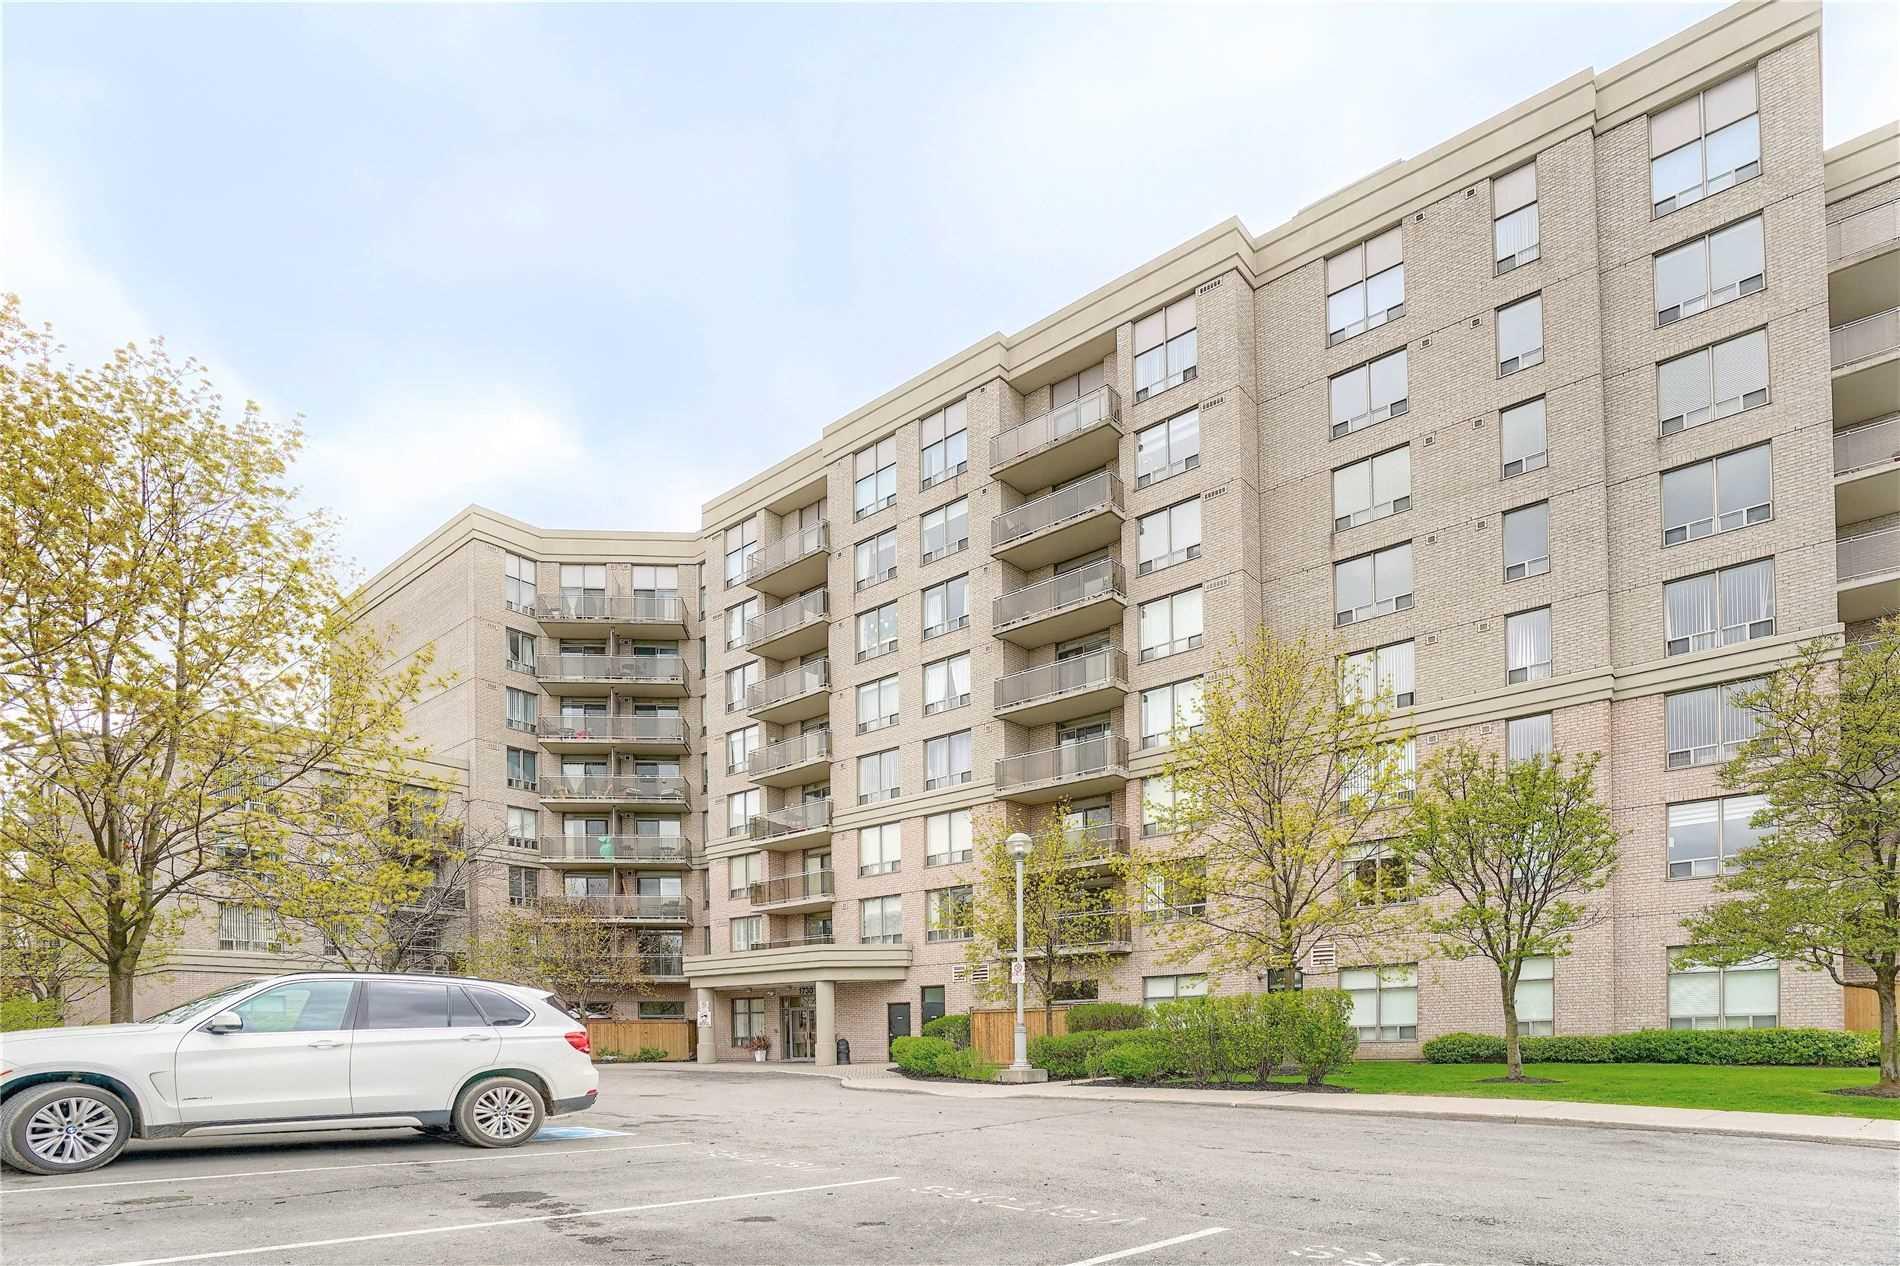 1730 Eglinton Ave E, Toronto